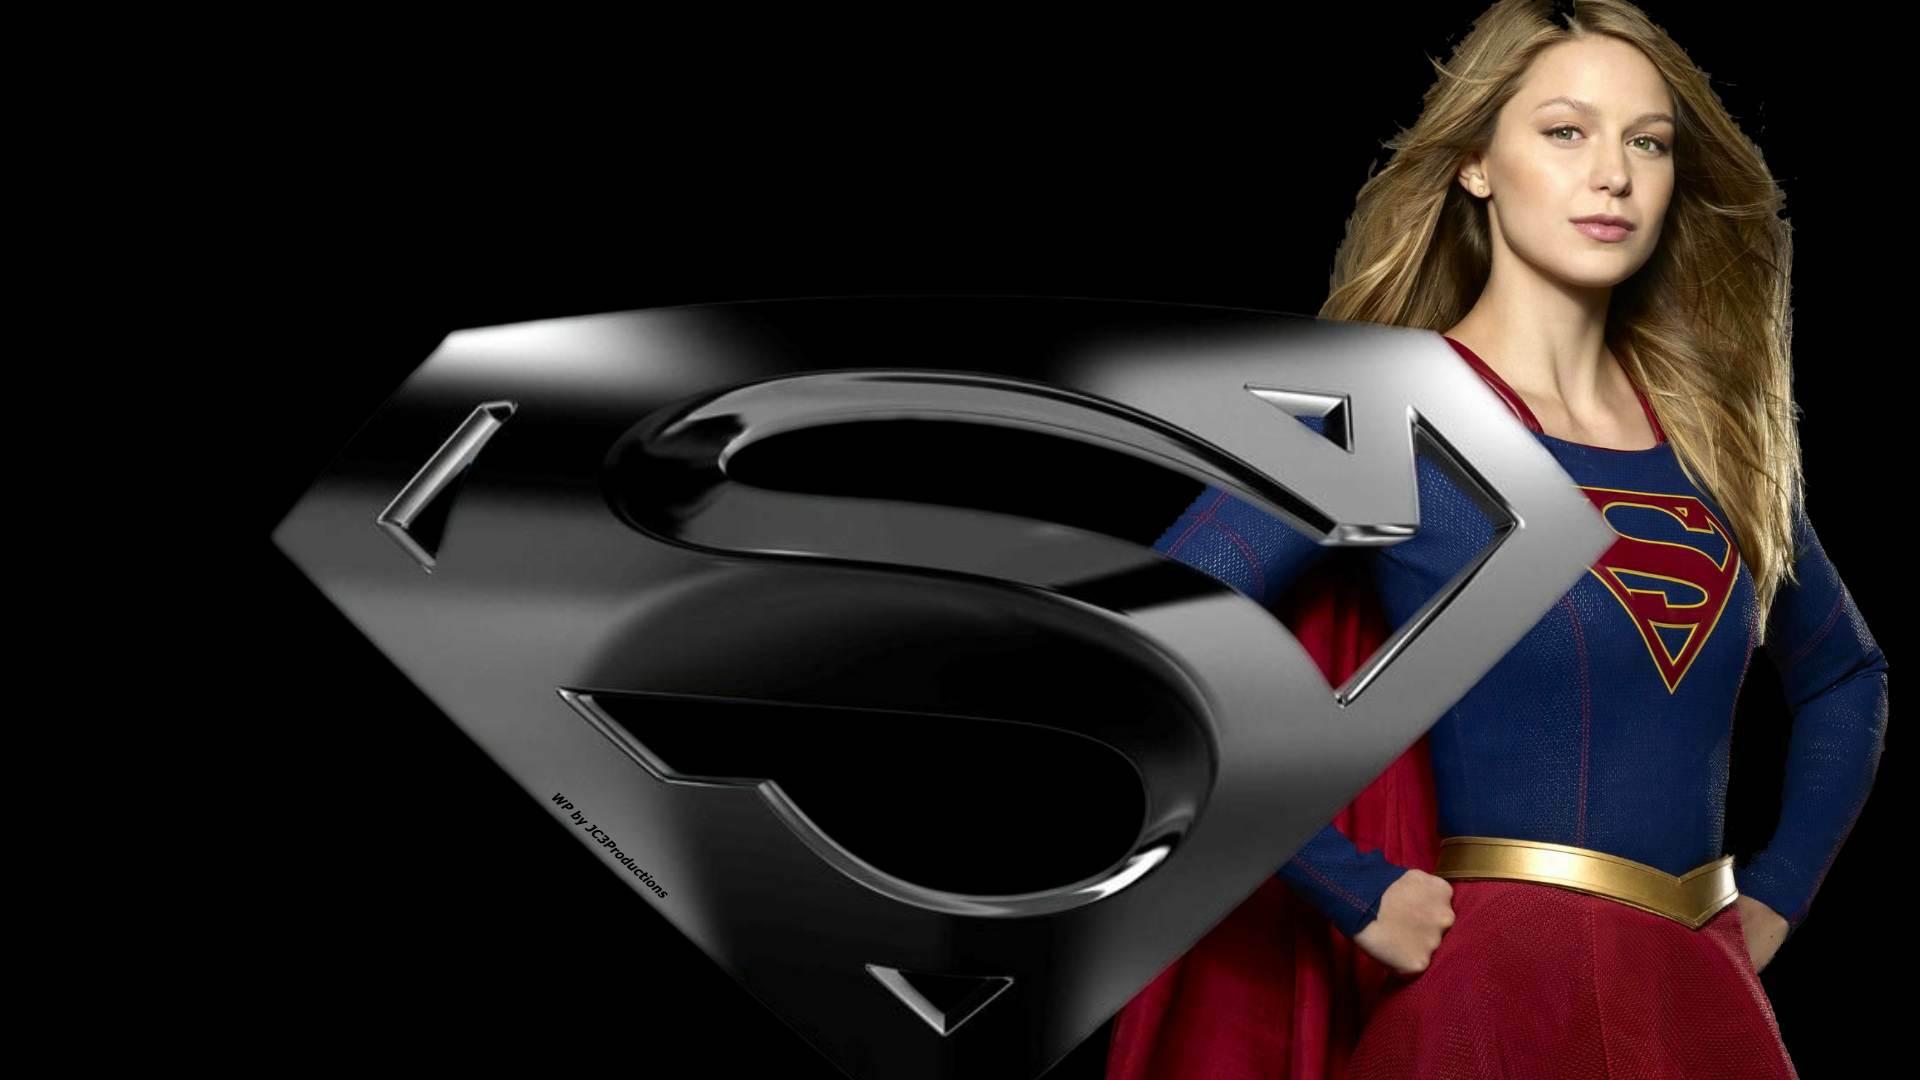 Supergirl And アイコン 2 壁紙 Dcコミック 壁紙 41604179